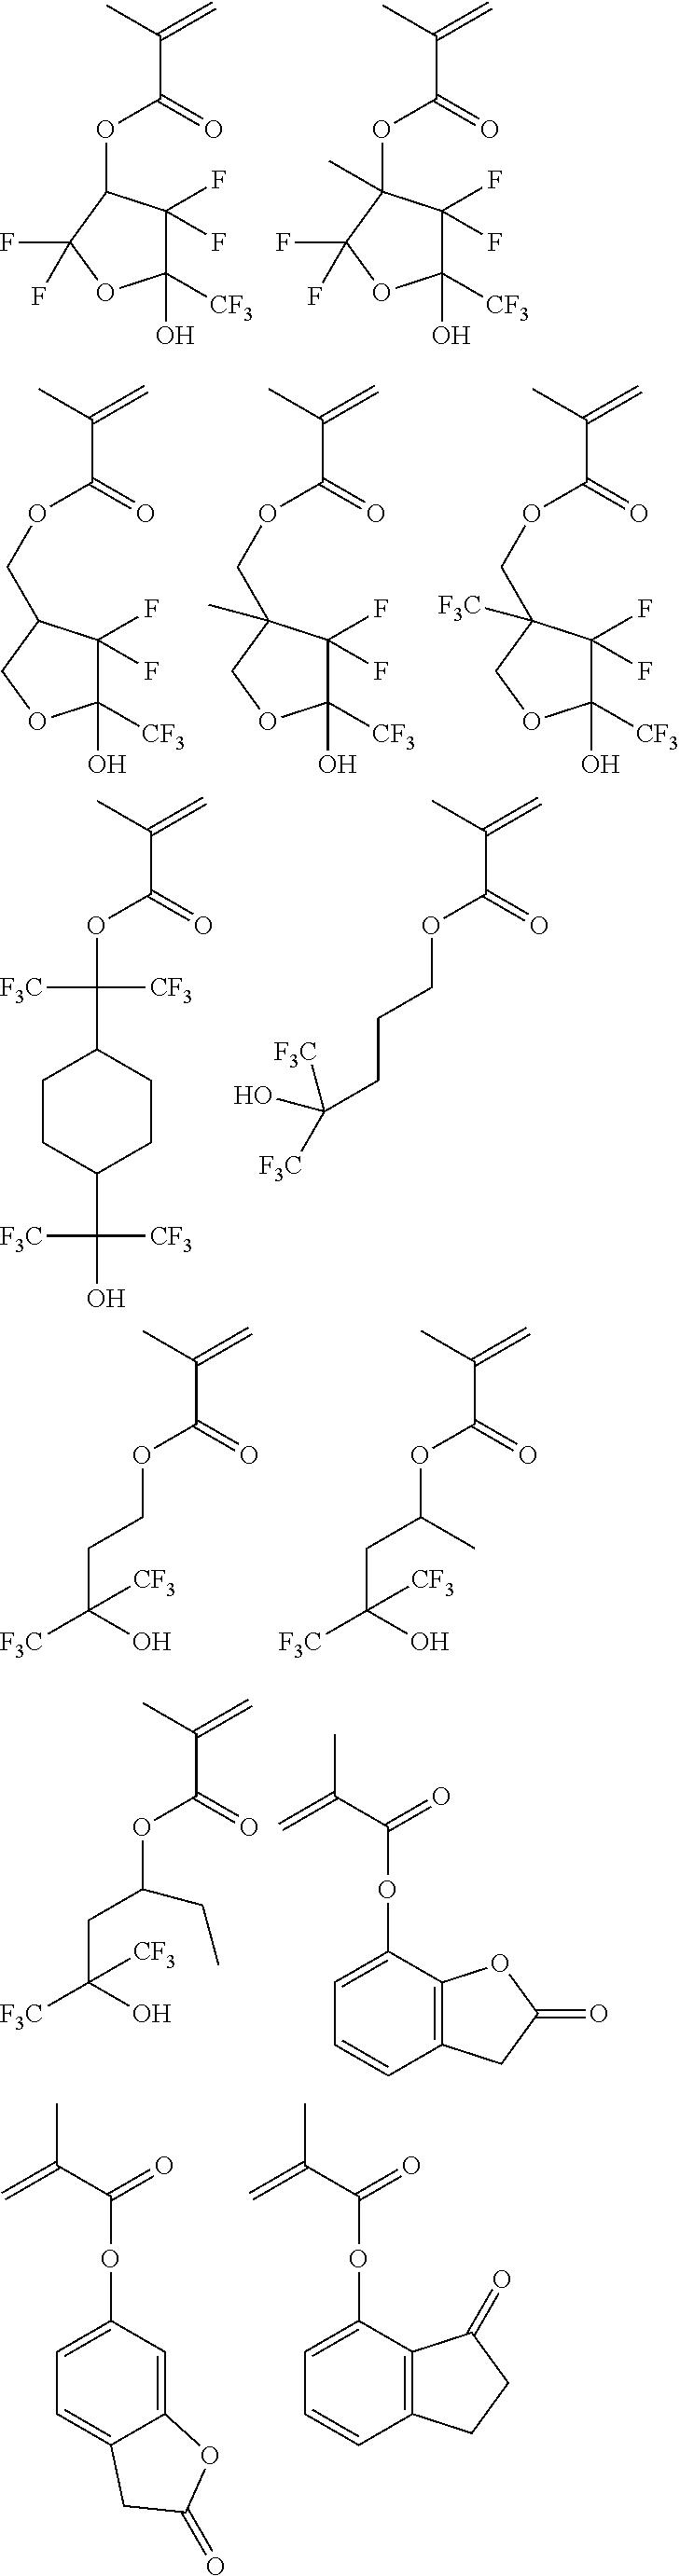 Figure US20110294070A1-20111201-C00046